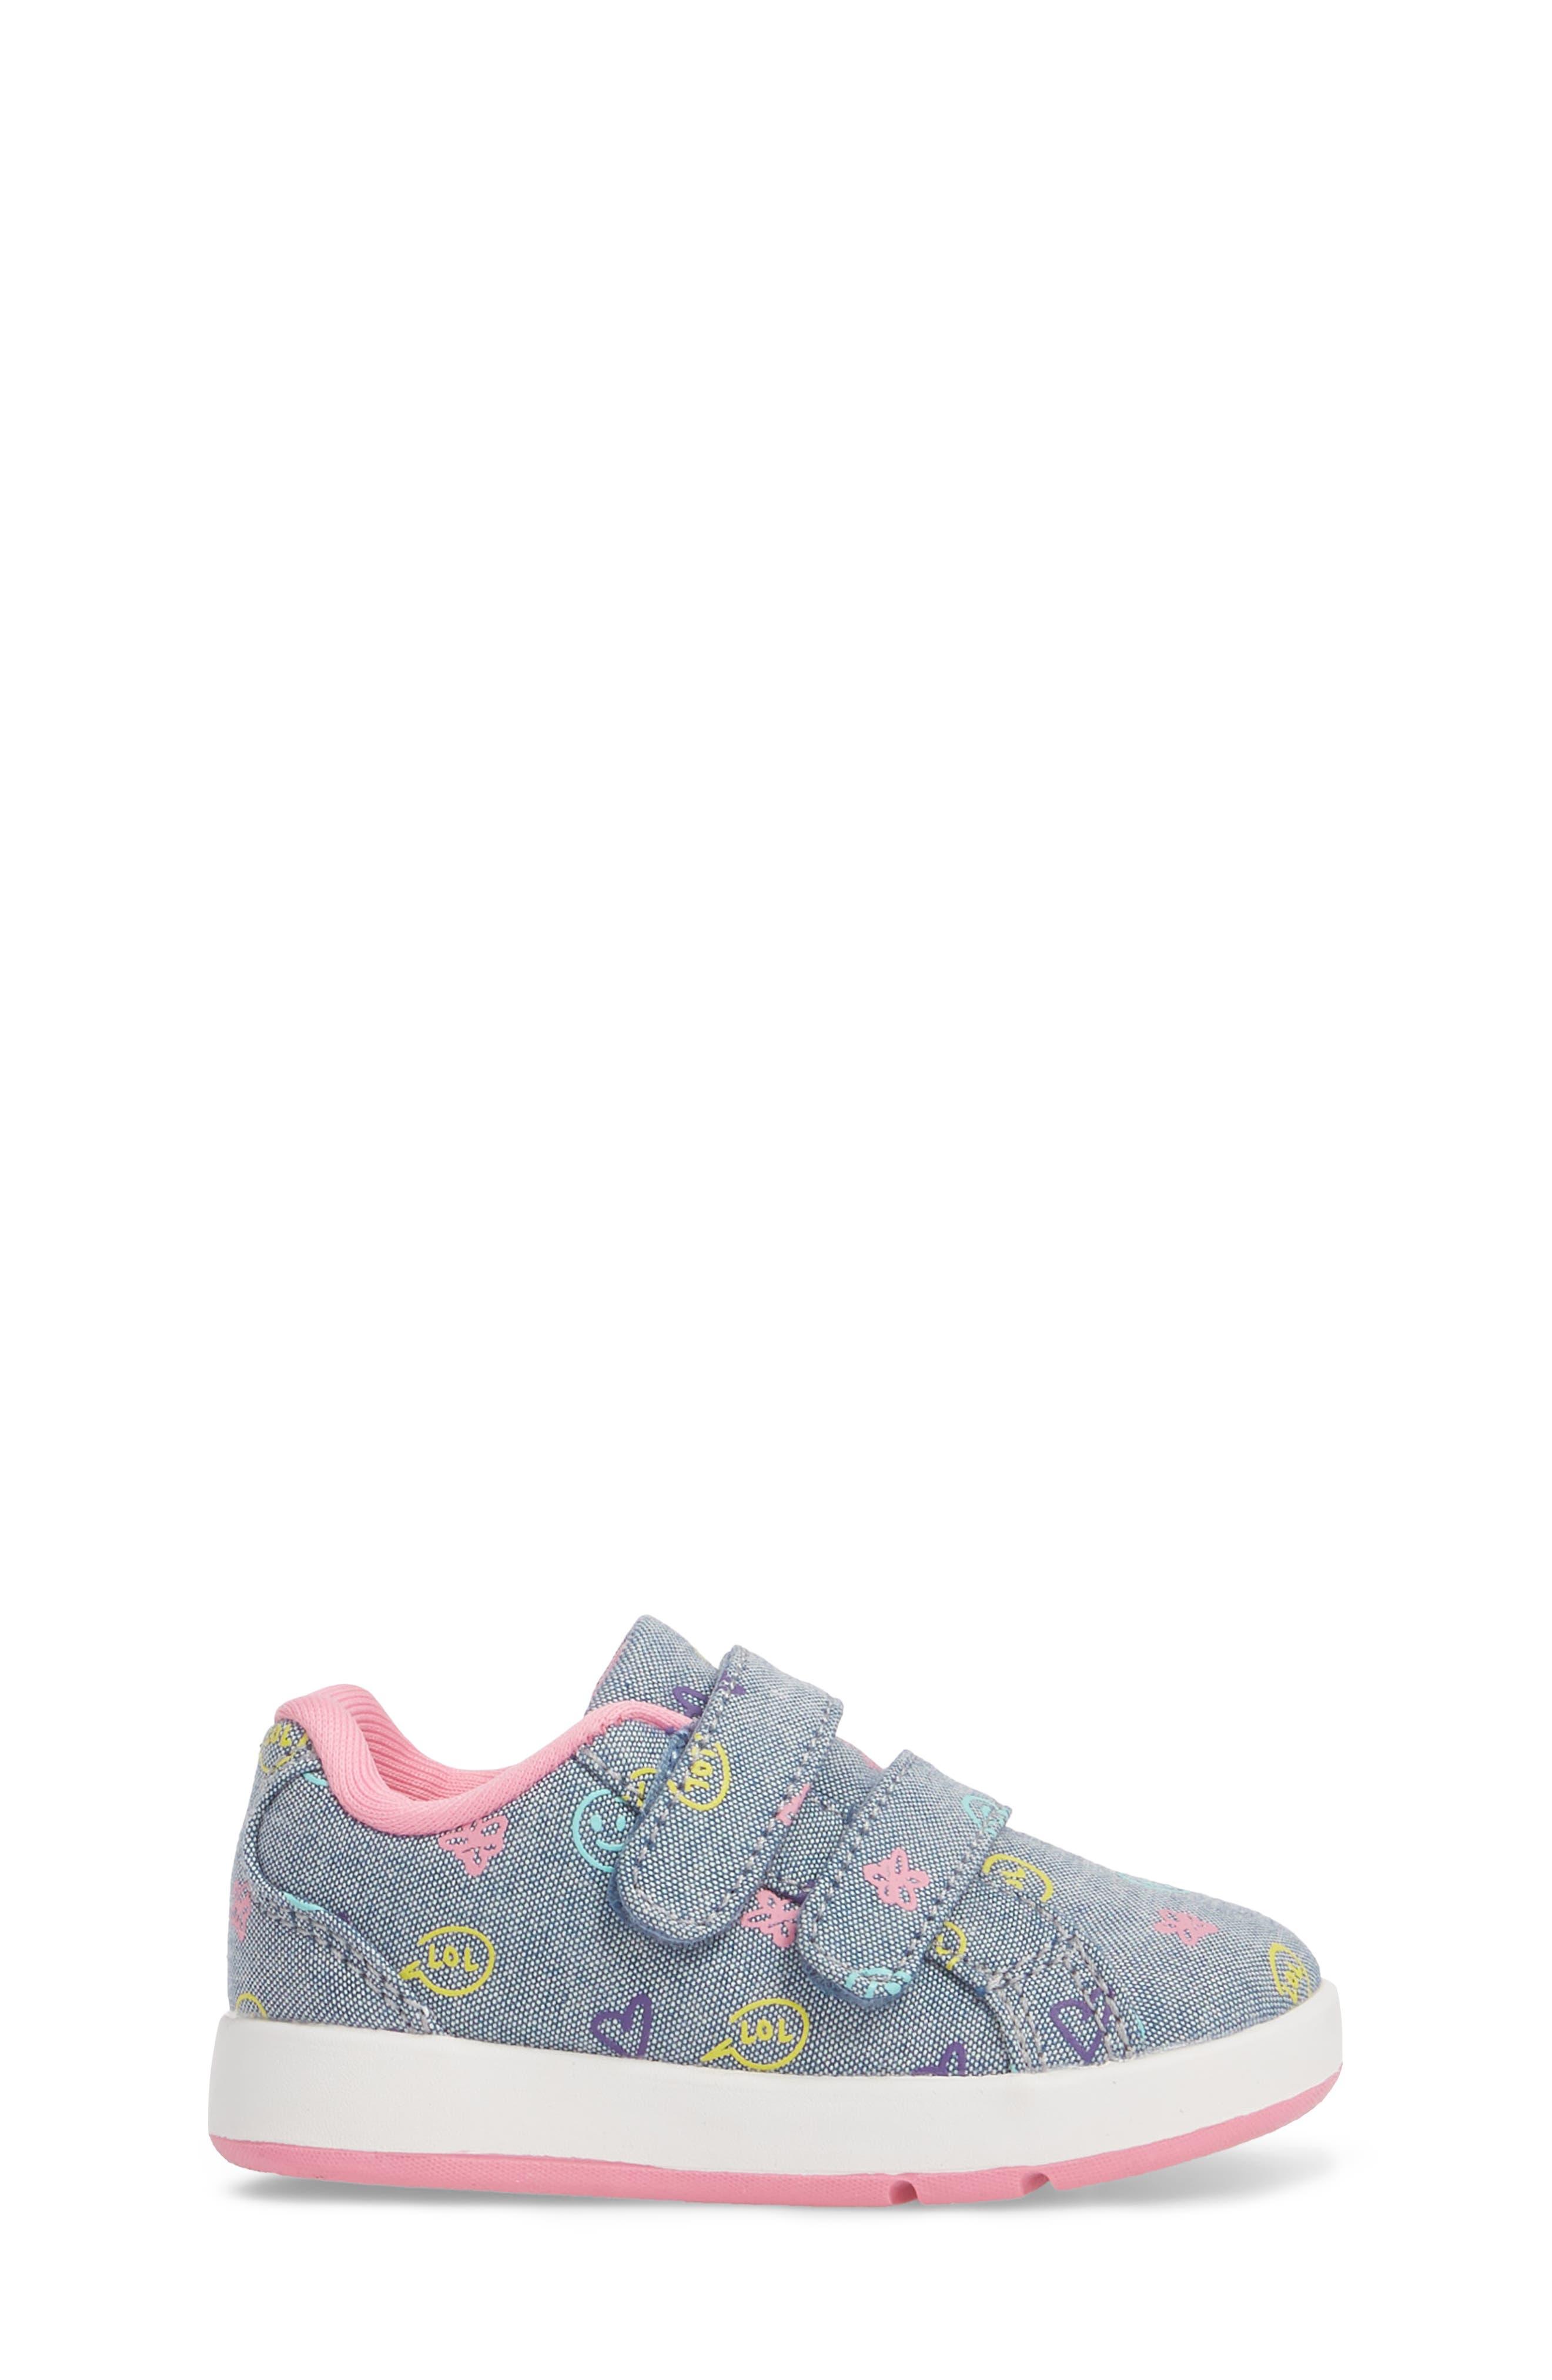 Kate Print Sneaker,                             Alternate thumbnail 3, color,                             Blue Denim Printed Fabric